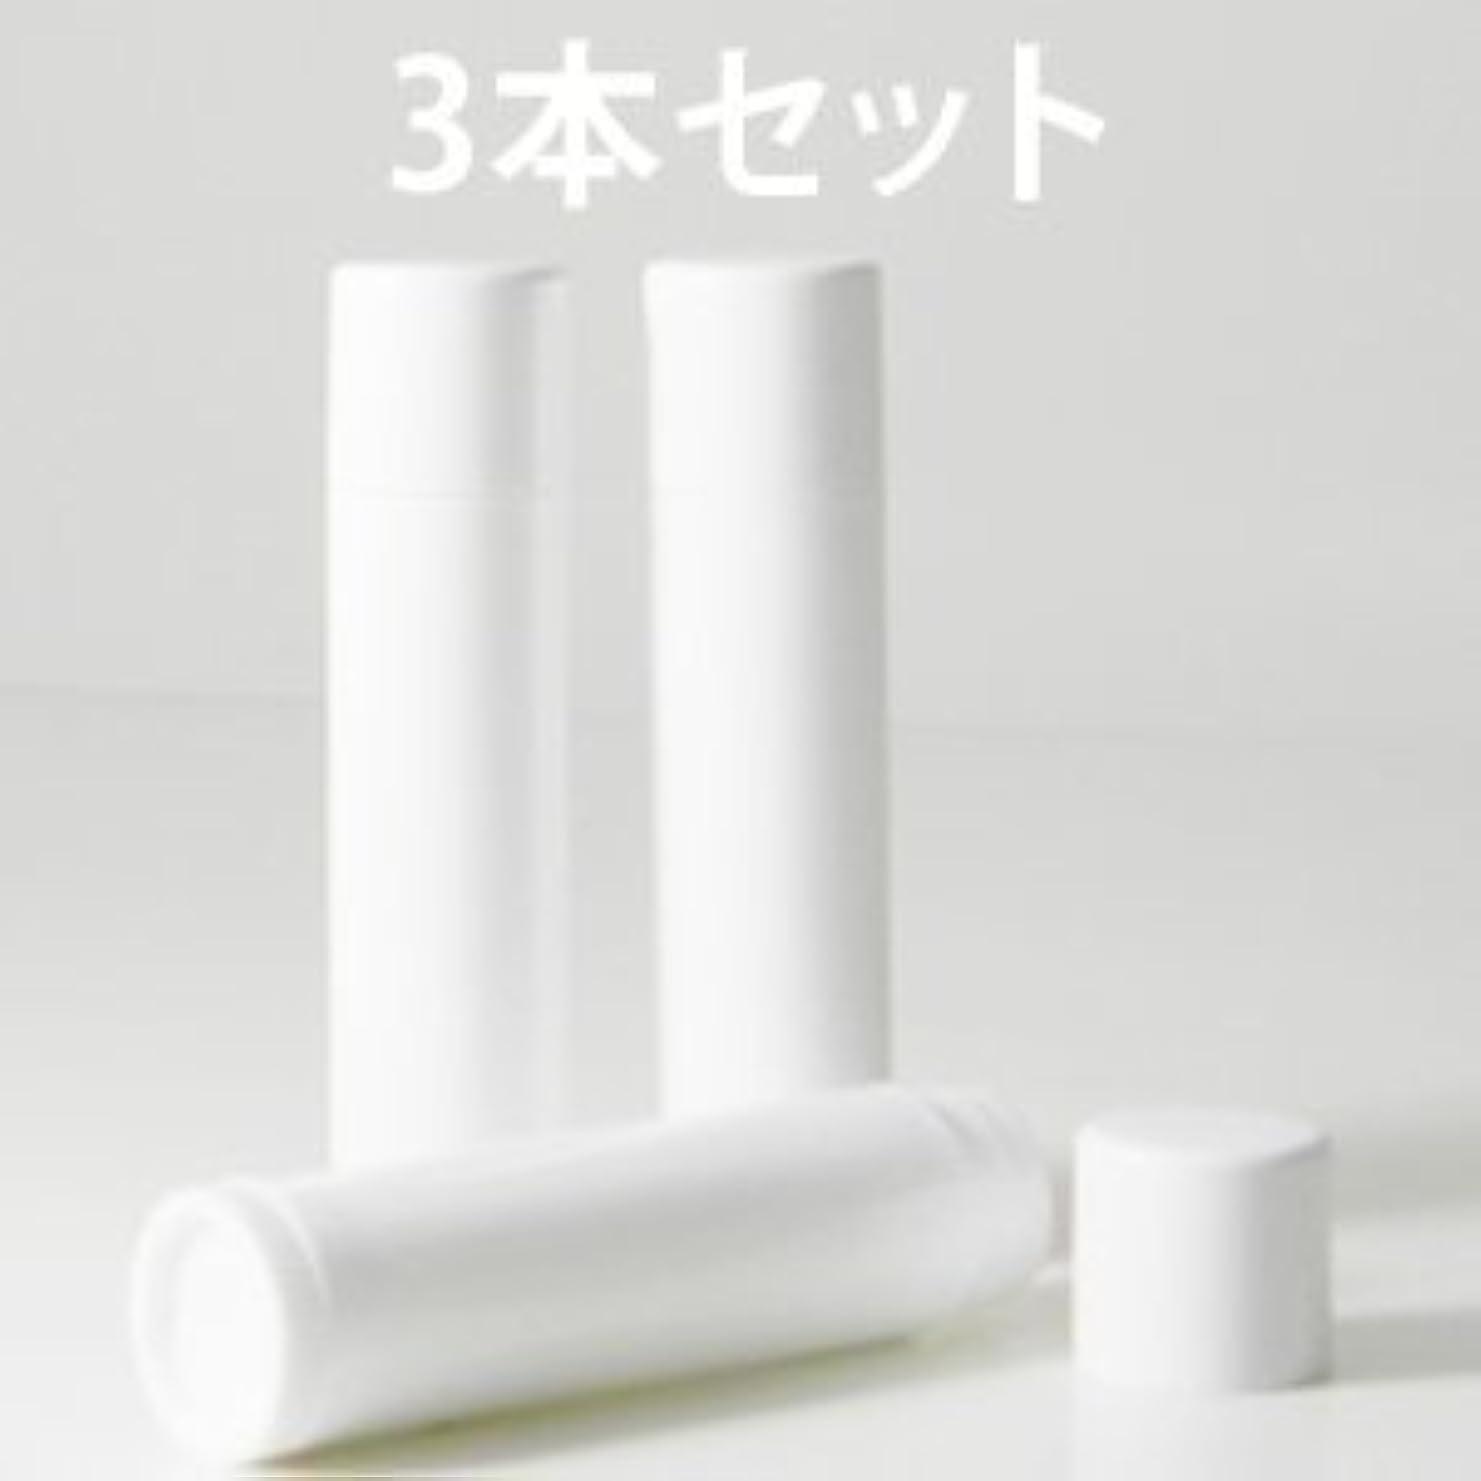 悲惨有益な豊かなリップバームチューブ 化粧品容器 ホワイト 3本セット